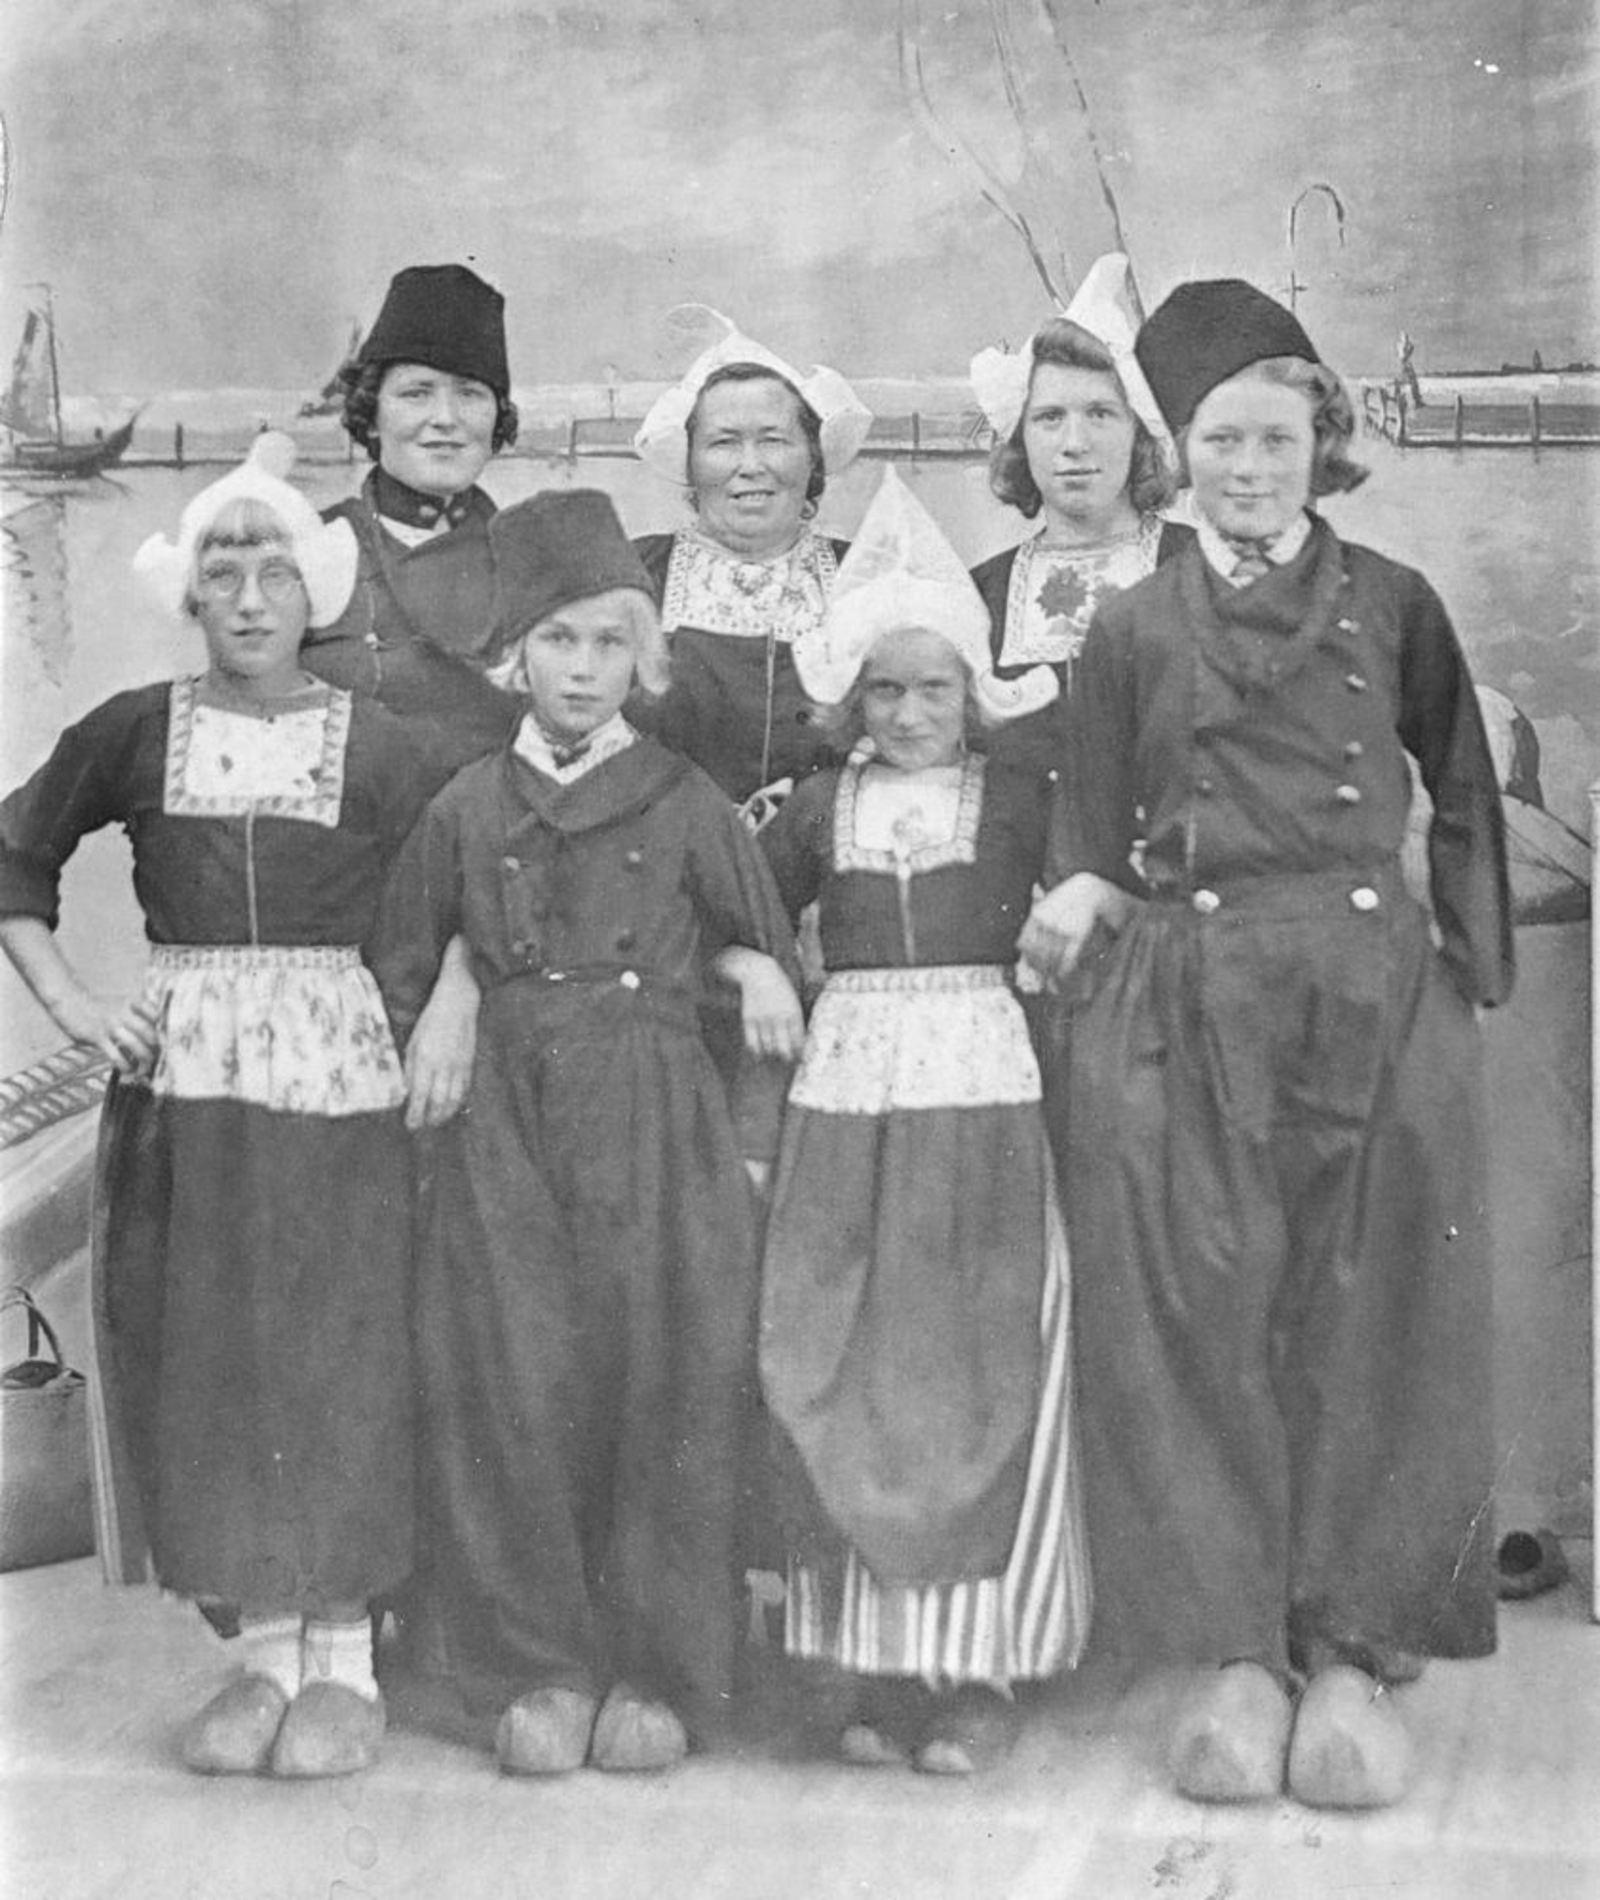 Imanse - Denaijere Maria C 1891 19__ met kinderen in Klederdracht